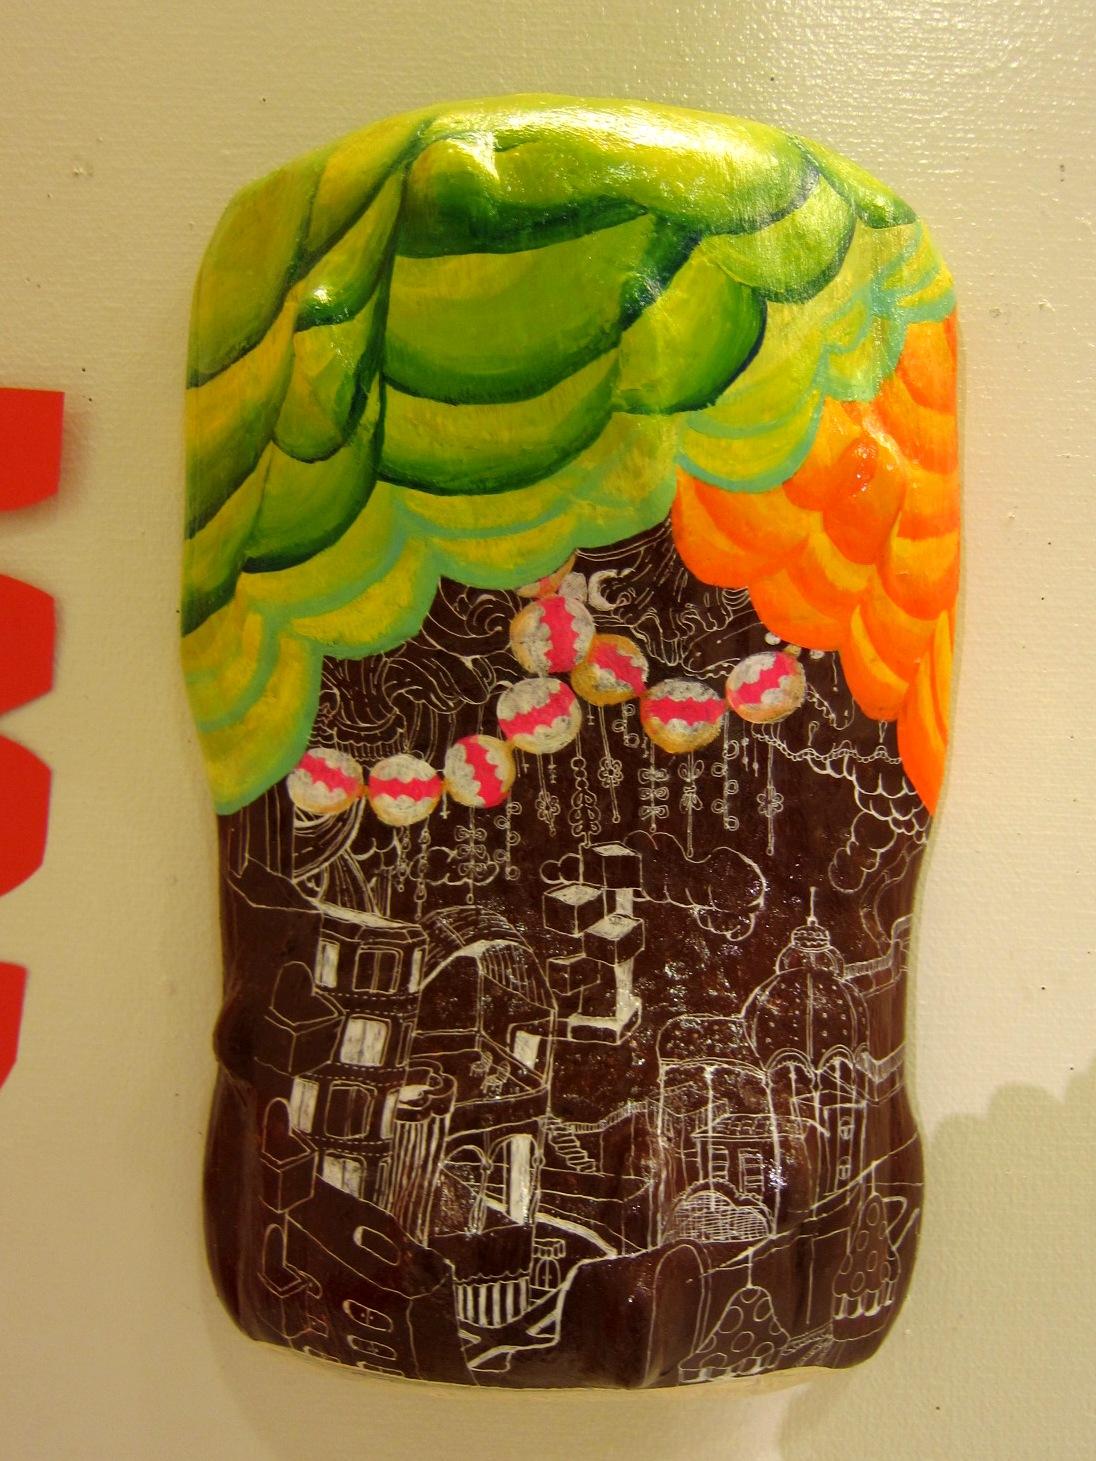 2192) ②「CDE展 2013 (ビセン作品展)」アイボリー 9月3日(火)~9月13日(金)_f0126829_827246.jpg